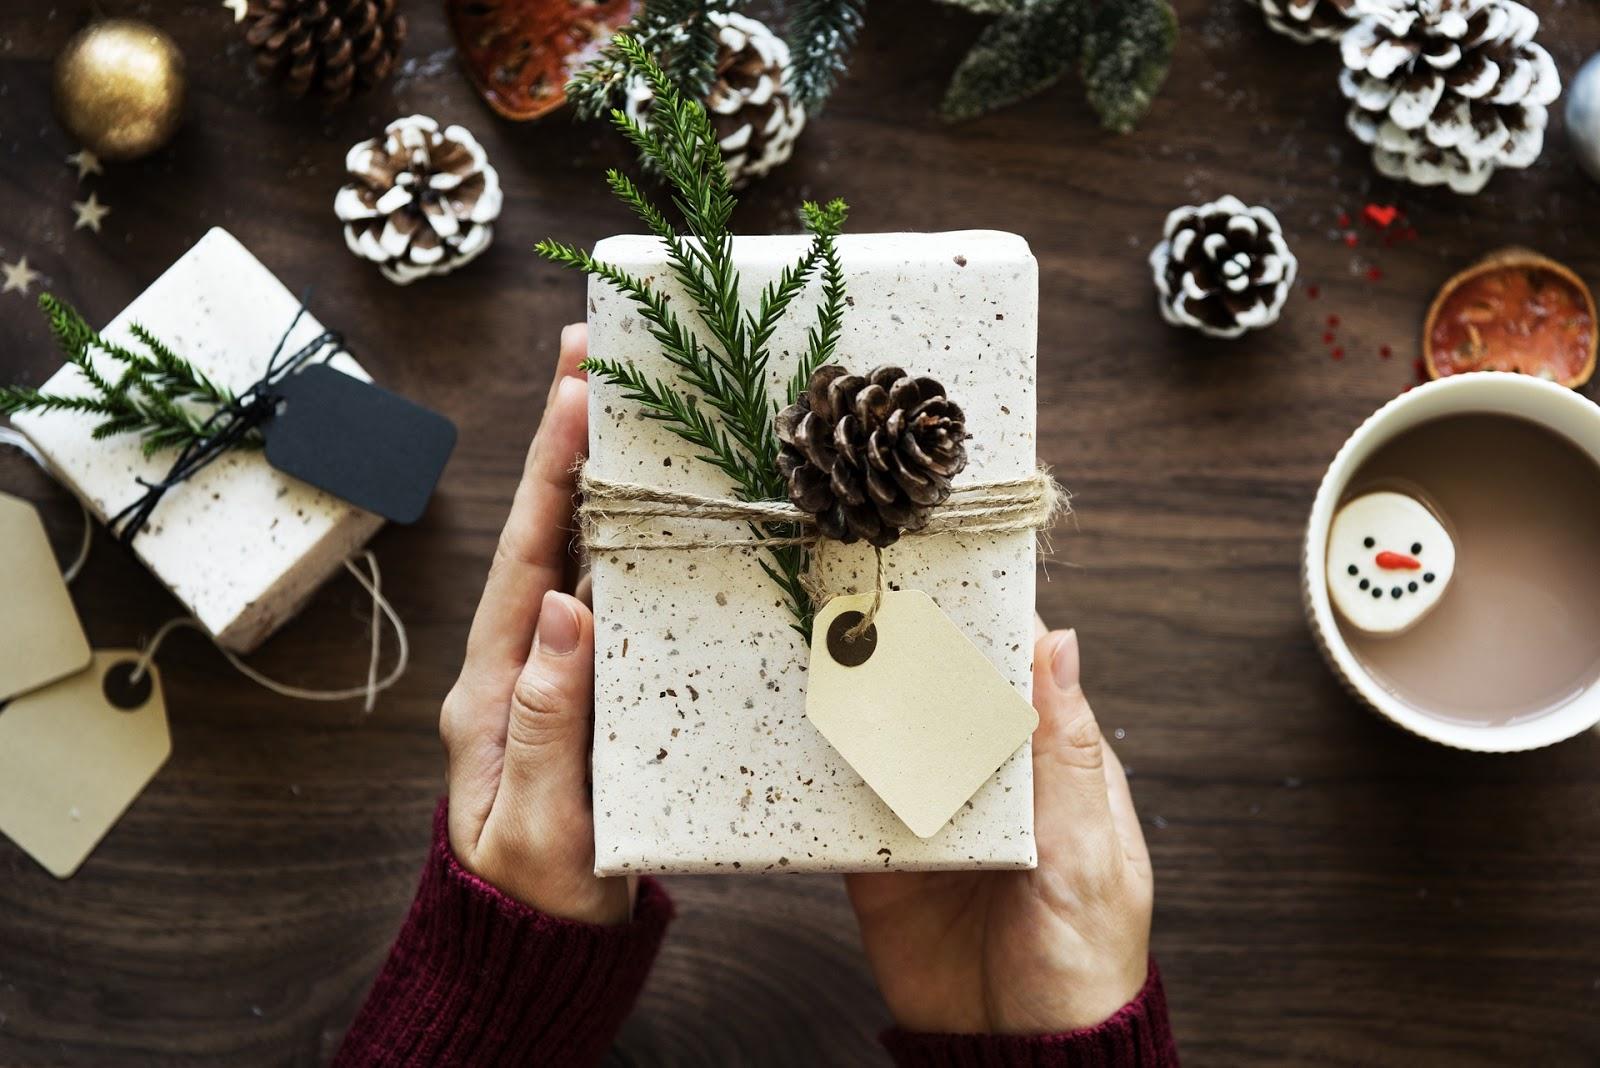 10 propozycji oryginalnych polskich prezentów świątecznych